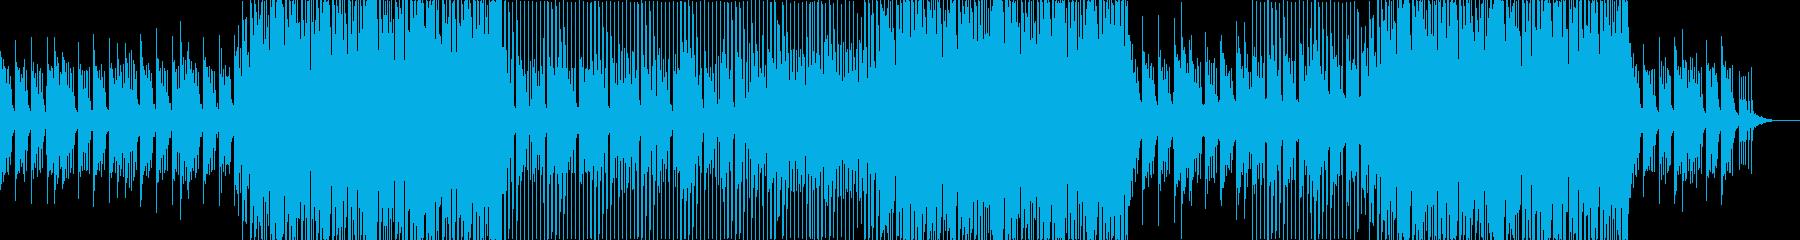 可愛らしい雰囲気のポップス曲の再生済みの波形